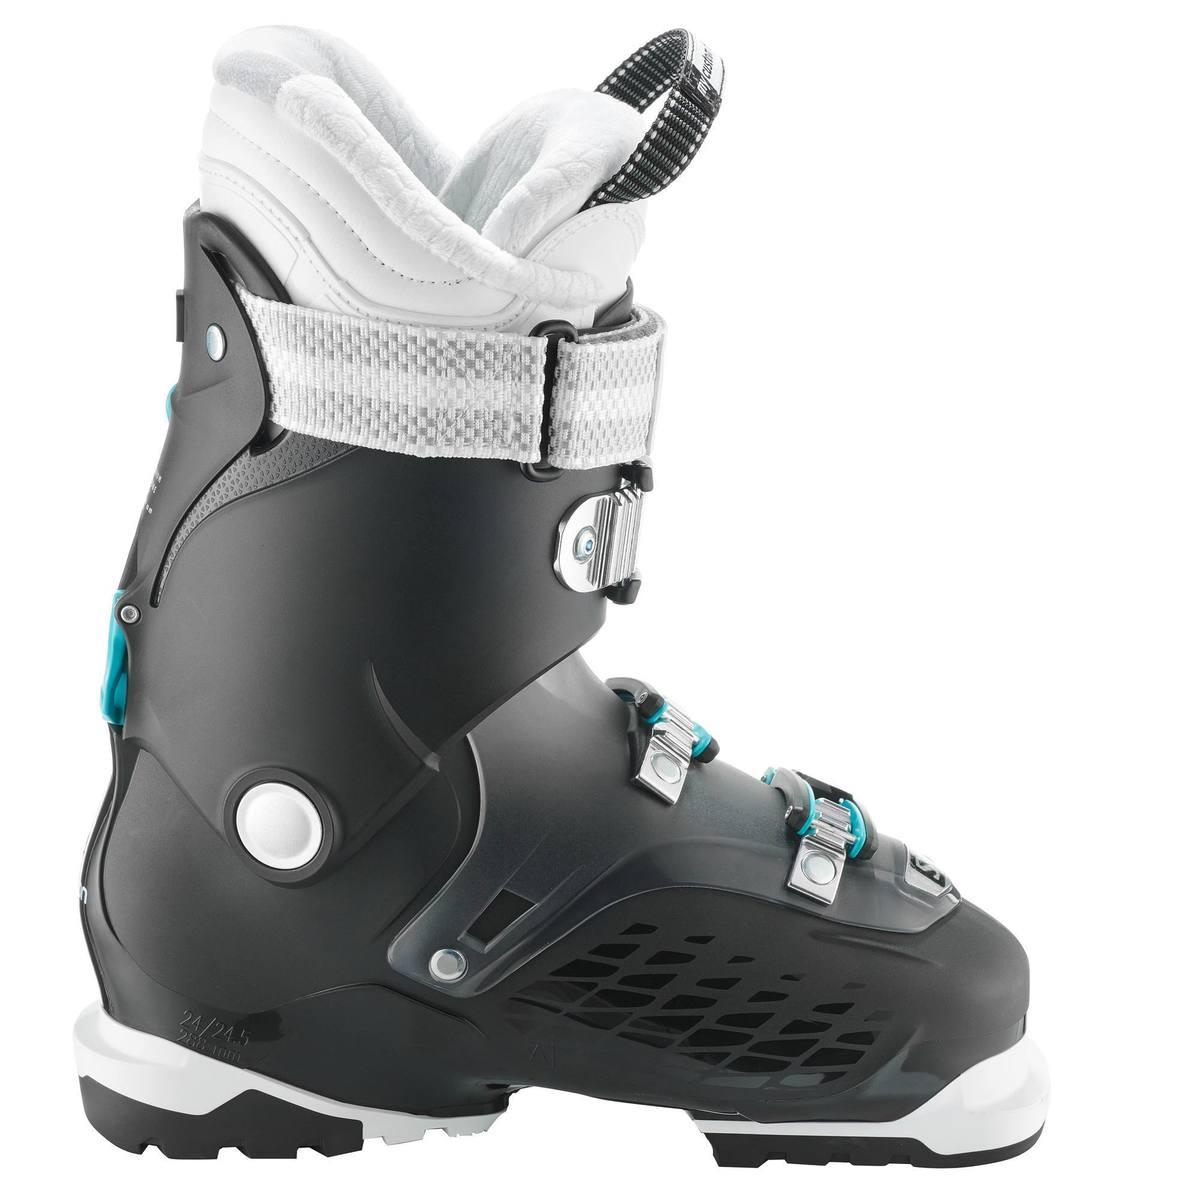 Bild 3 von Skischuhe All Mountain Quest Access 70 Damen